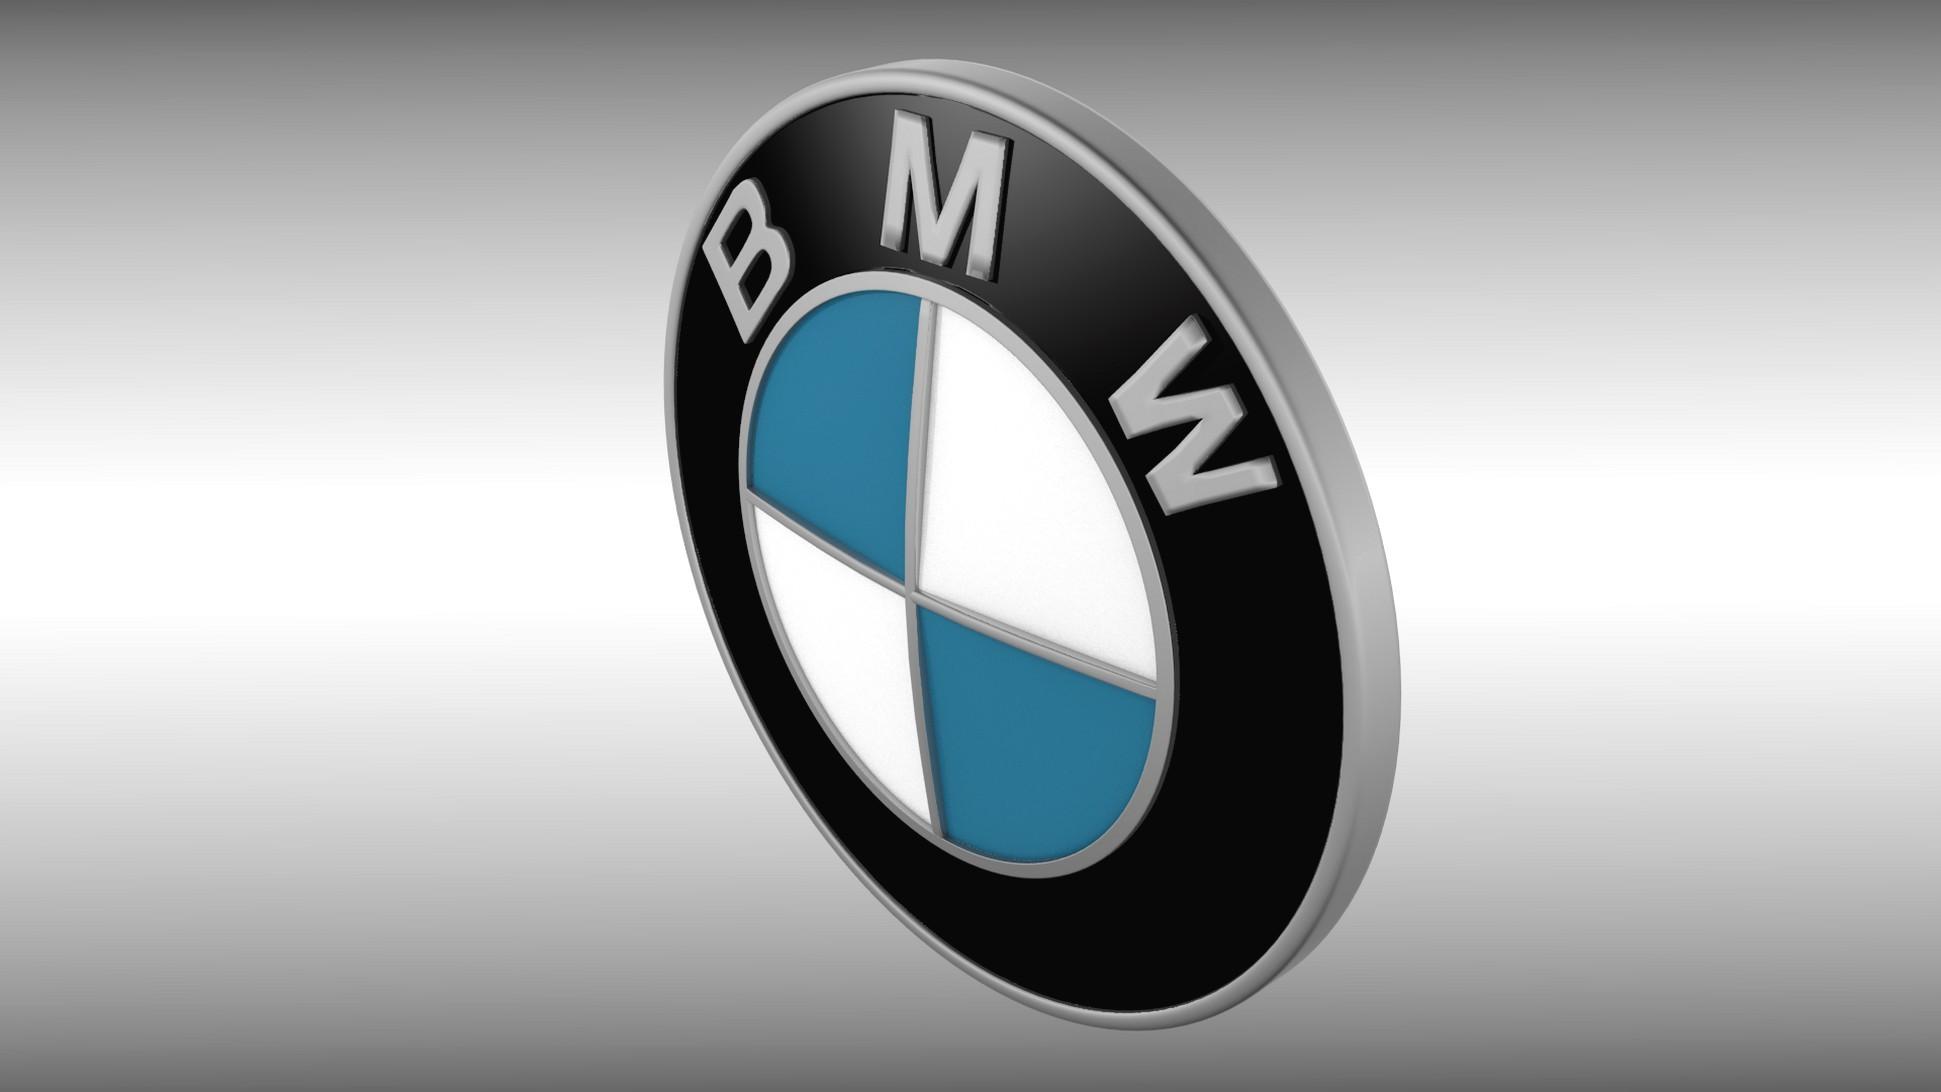 Bmw Logo Wallpaper Desktop Background by Carpichd